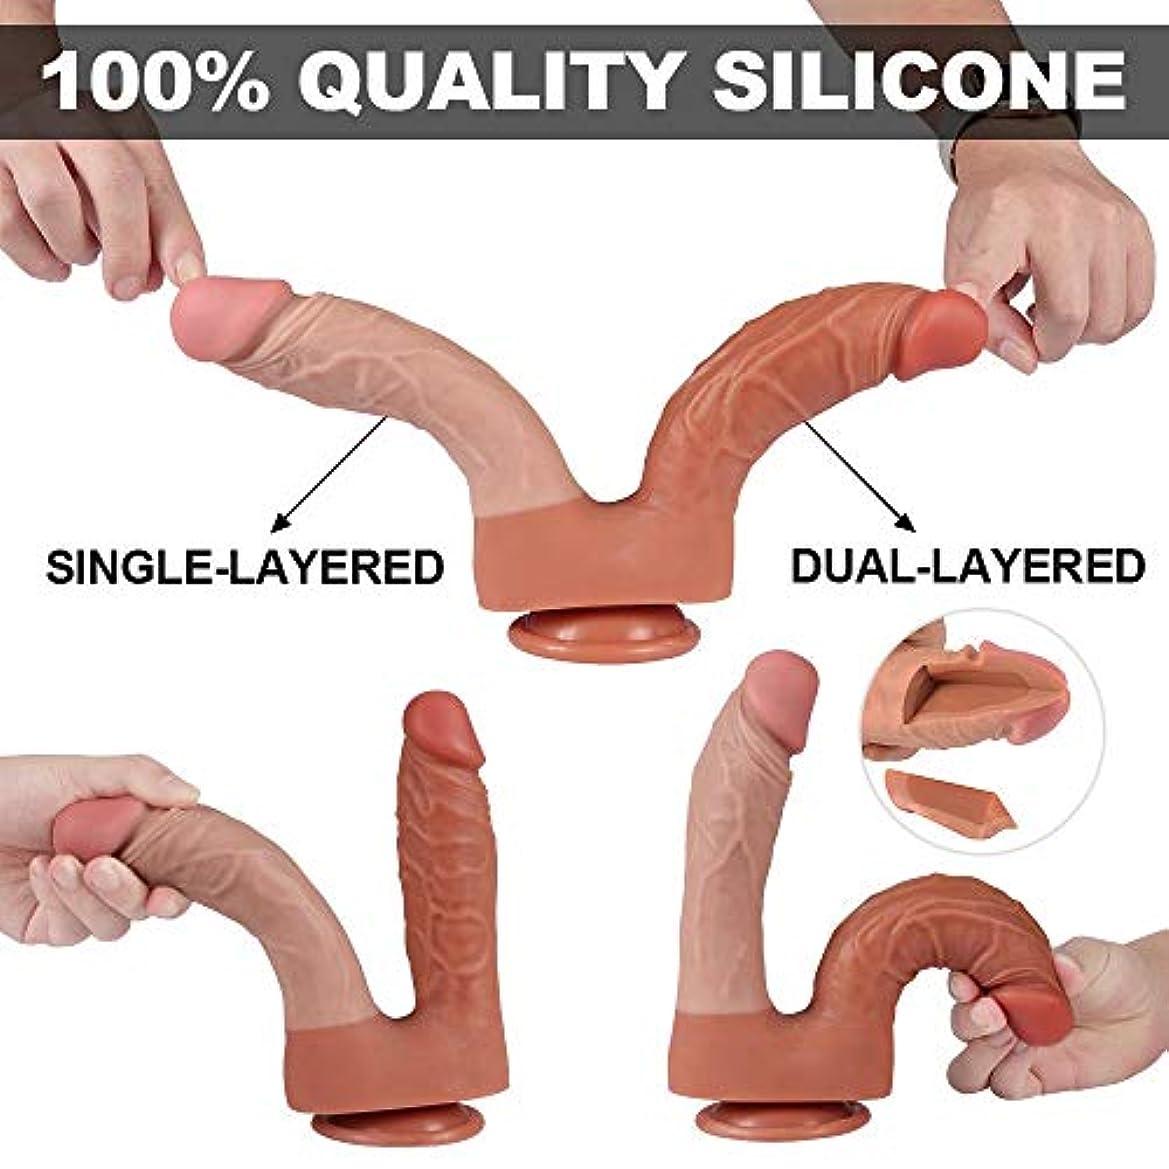 セッティング環境に優しい現代Y-angcco6 ソフトで柔軟なダブルヘッドマッサージSEおもちゃ女性カップル - 100%秘密のパッキング